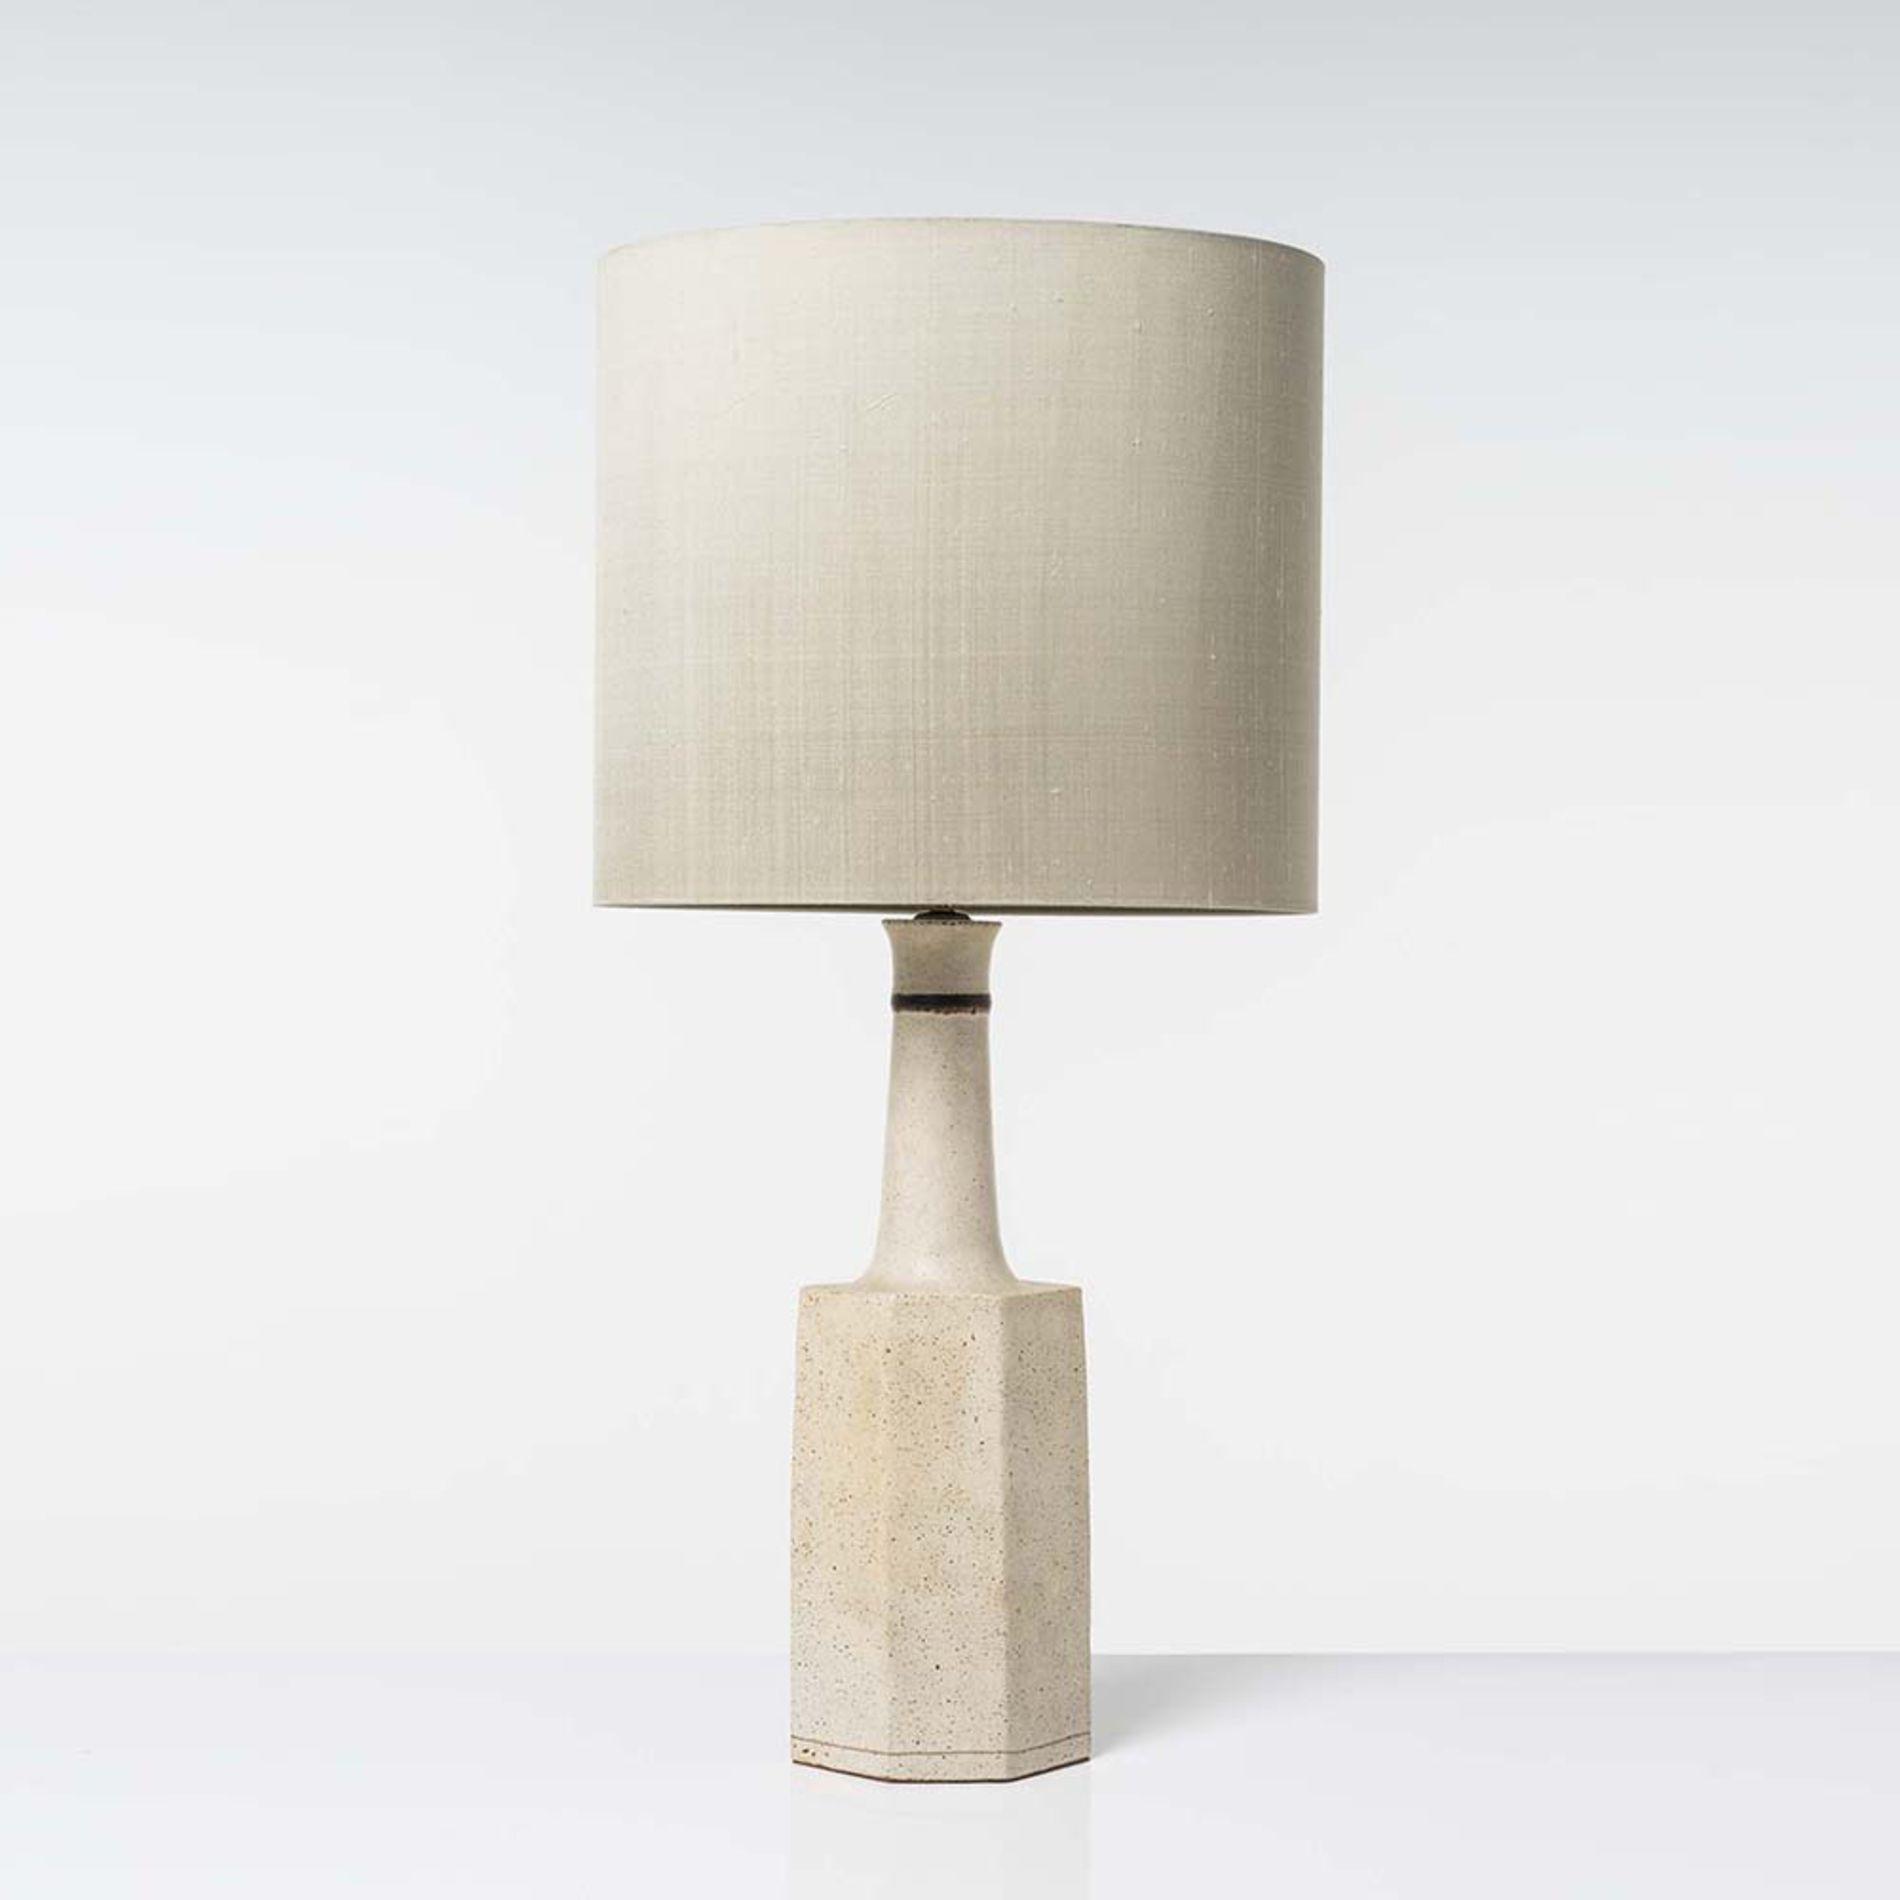 41c95266c29 Bruno Gambone (né en 1936) Lampe de table Céramique émaillée et laiton  Signée